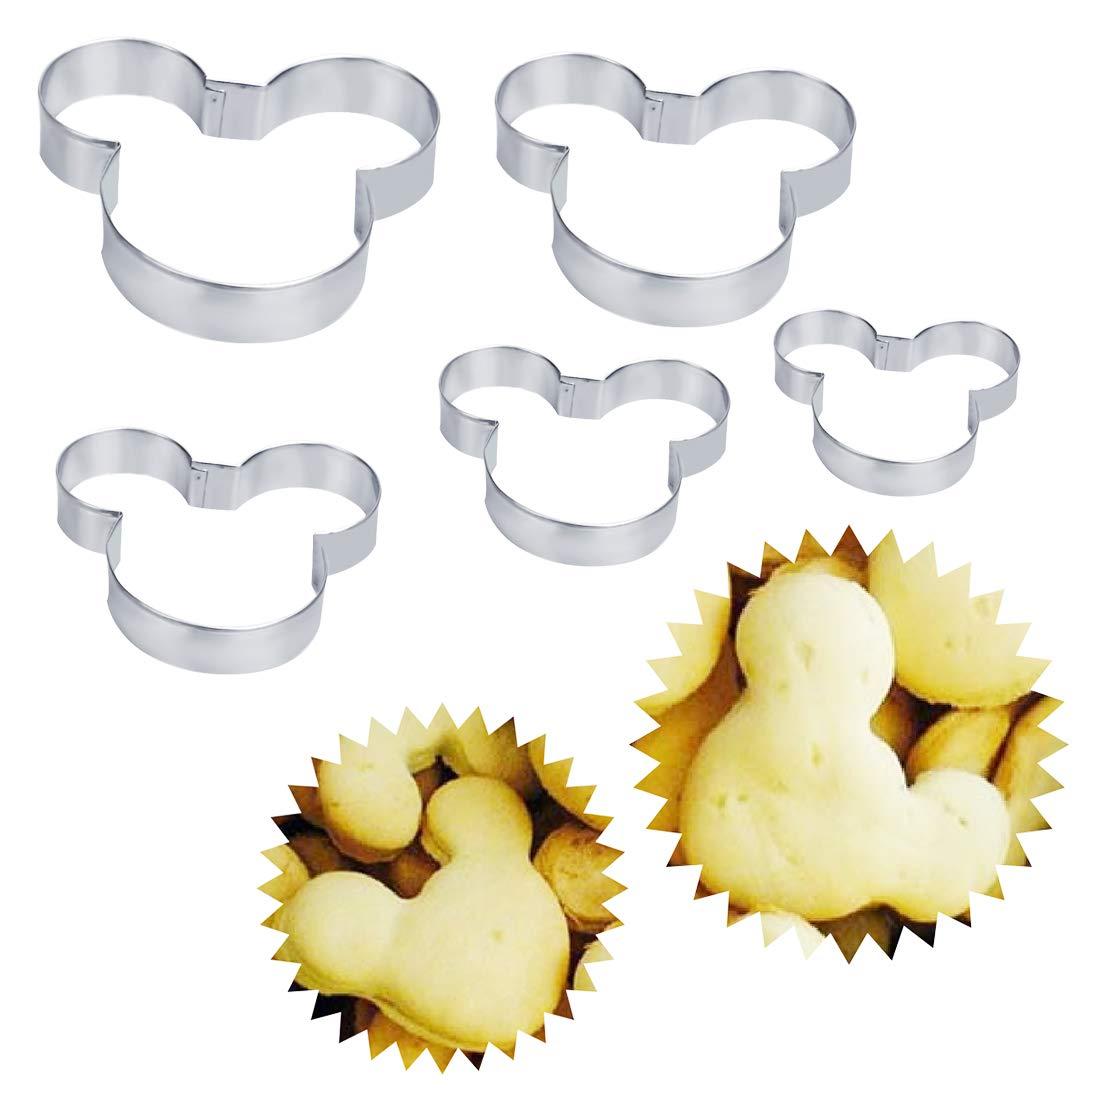 5pcs/Pack 3D Pastel Galletas cortadores Chocolate Galleta Lindo ratón Forma hortalizas Fruta Metal Molde Herramientas para Hornear: Amazon.es: Hogar